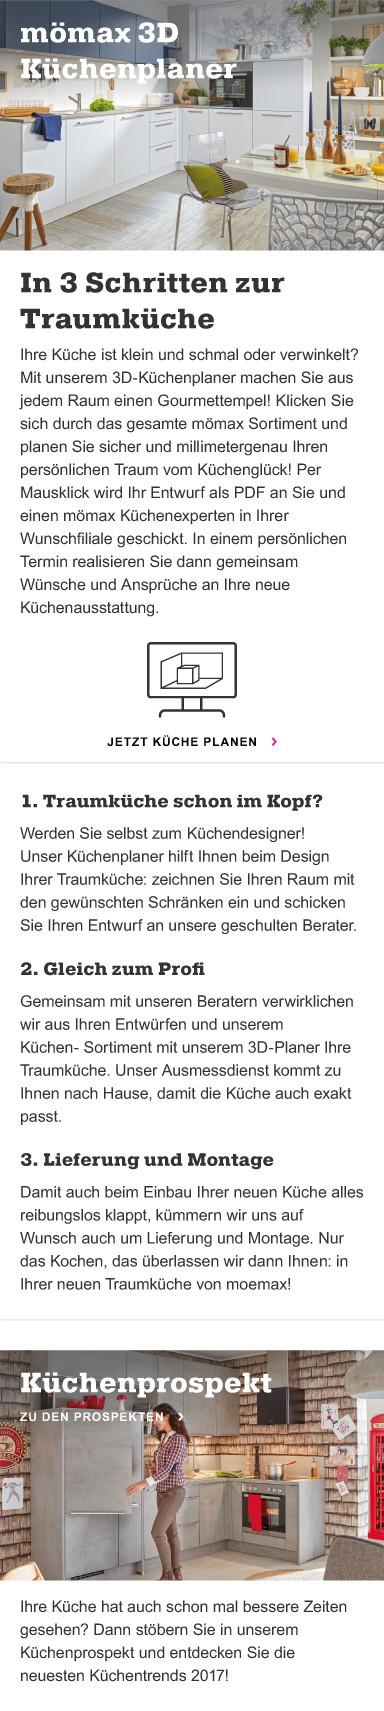 LP-mobil-3D-Küchenplaner